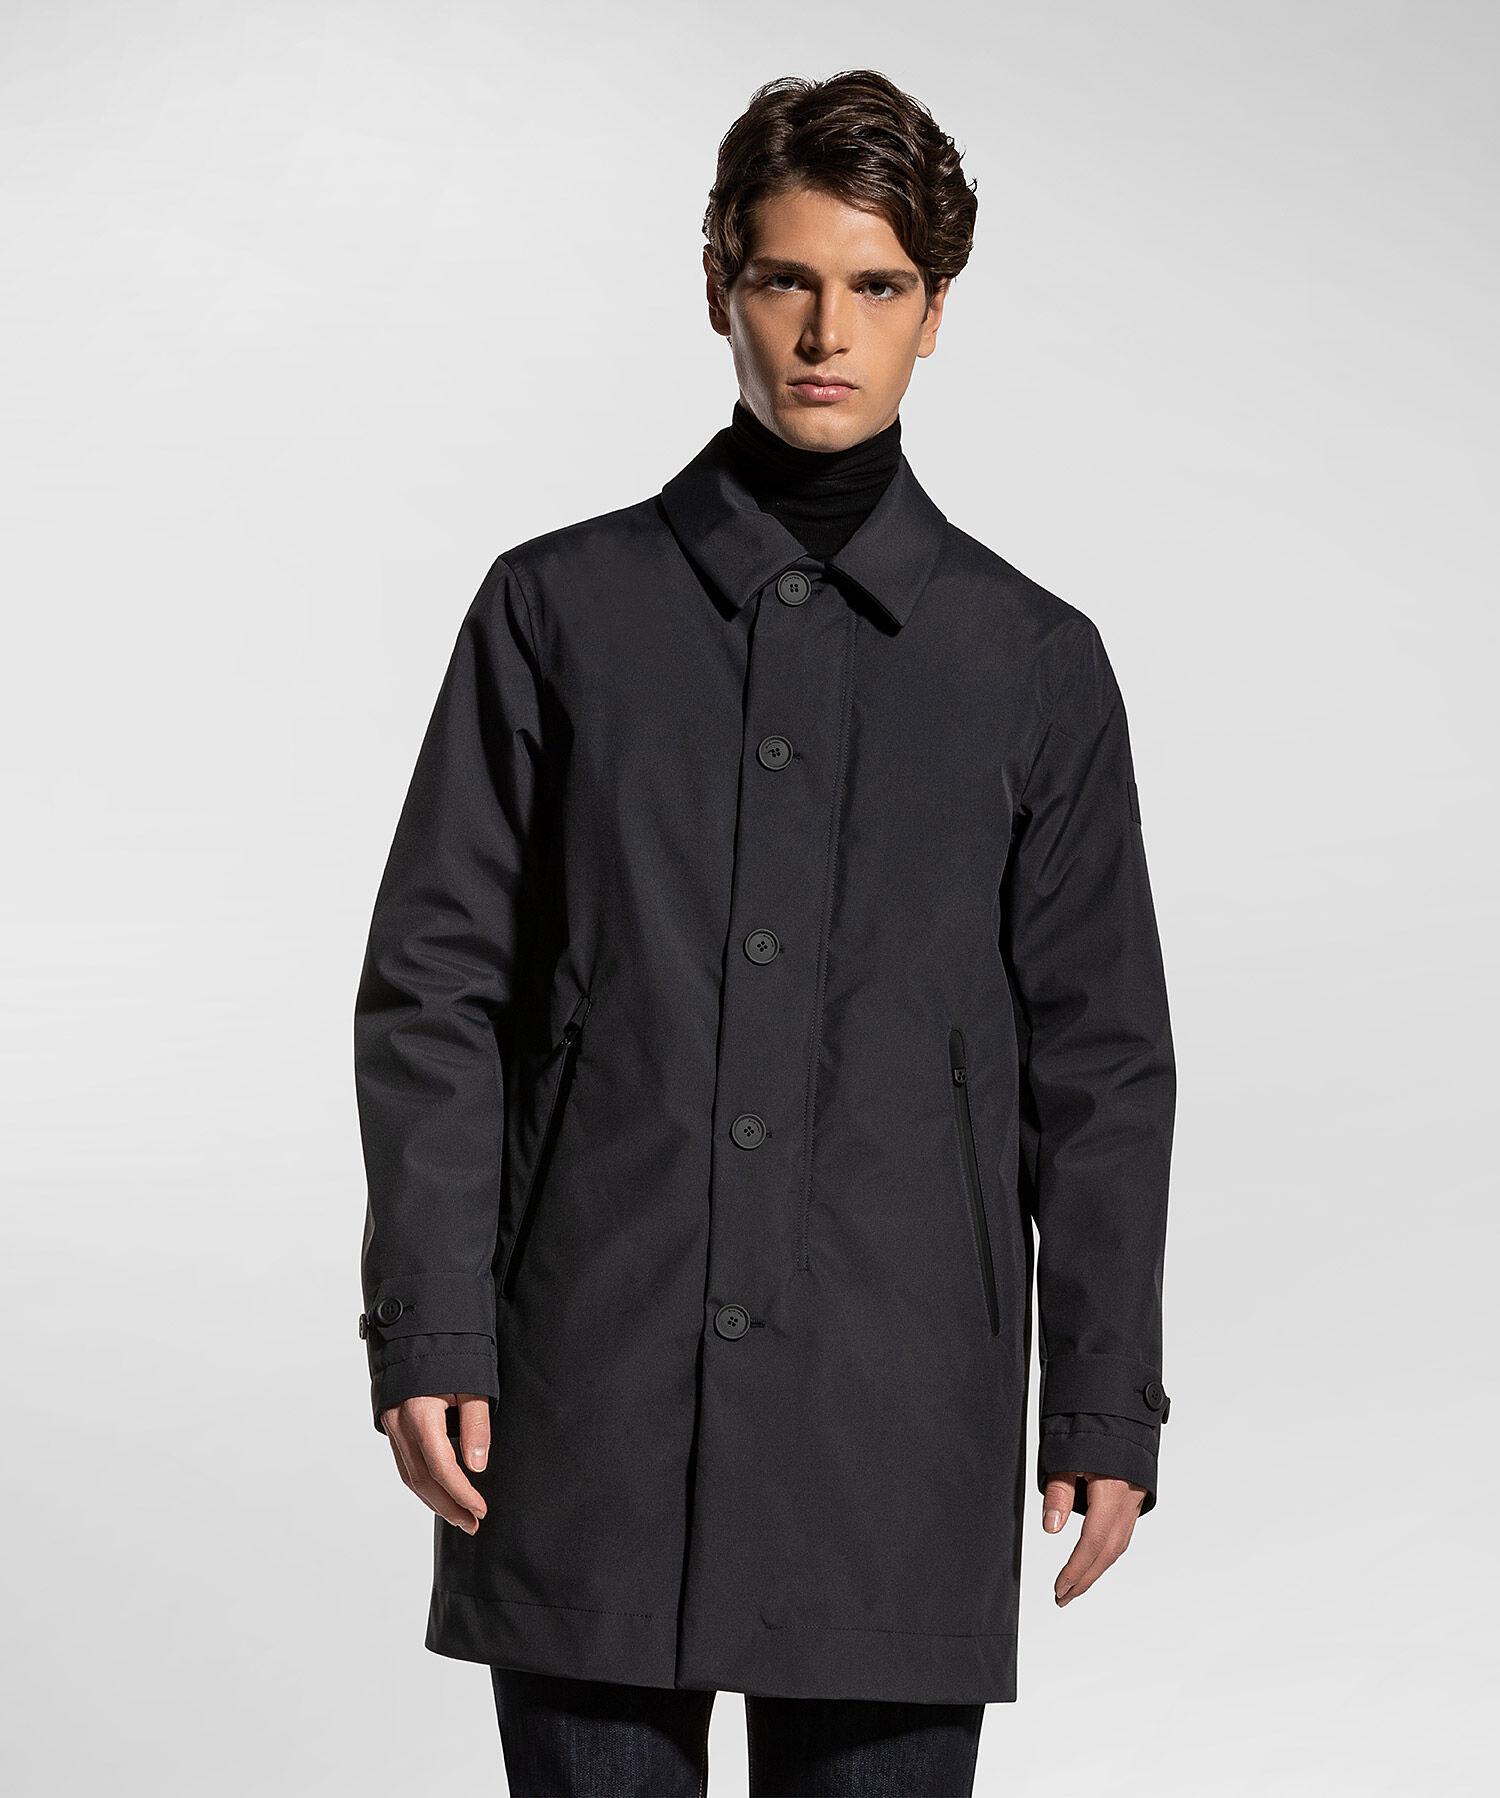 Rainproof and windproof trench coat - Peuterey